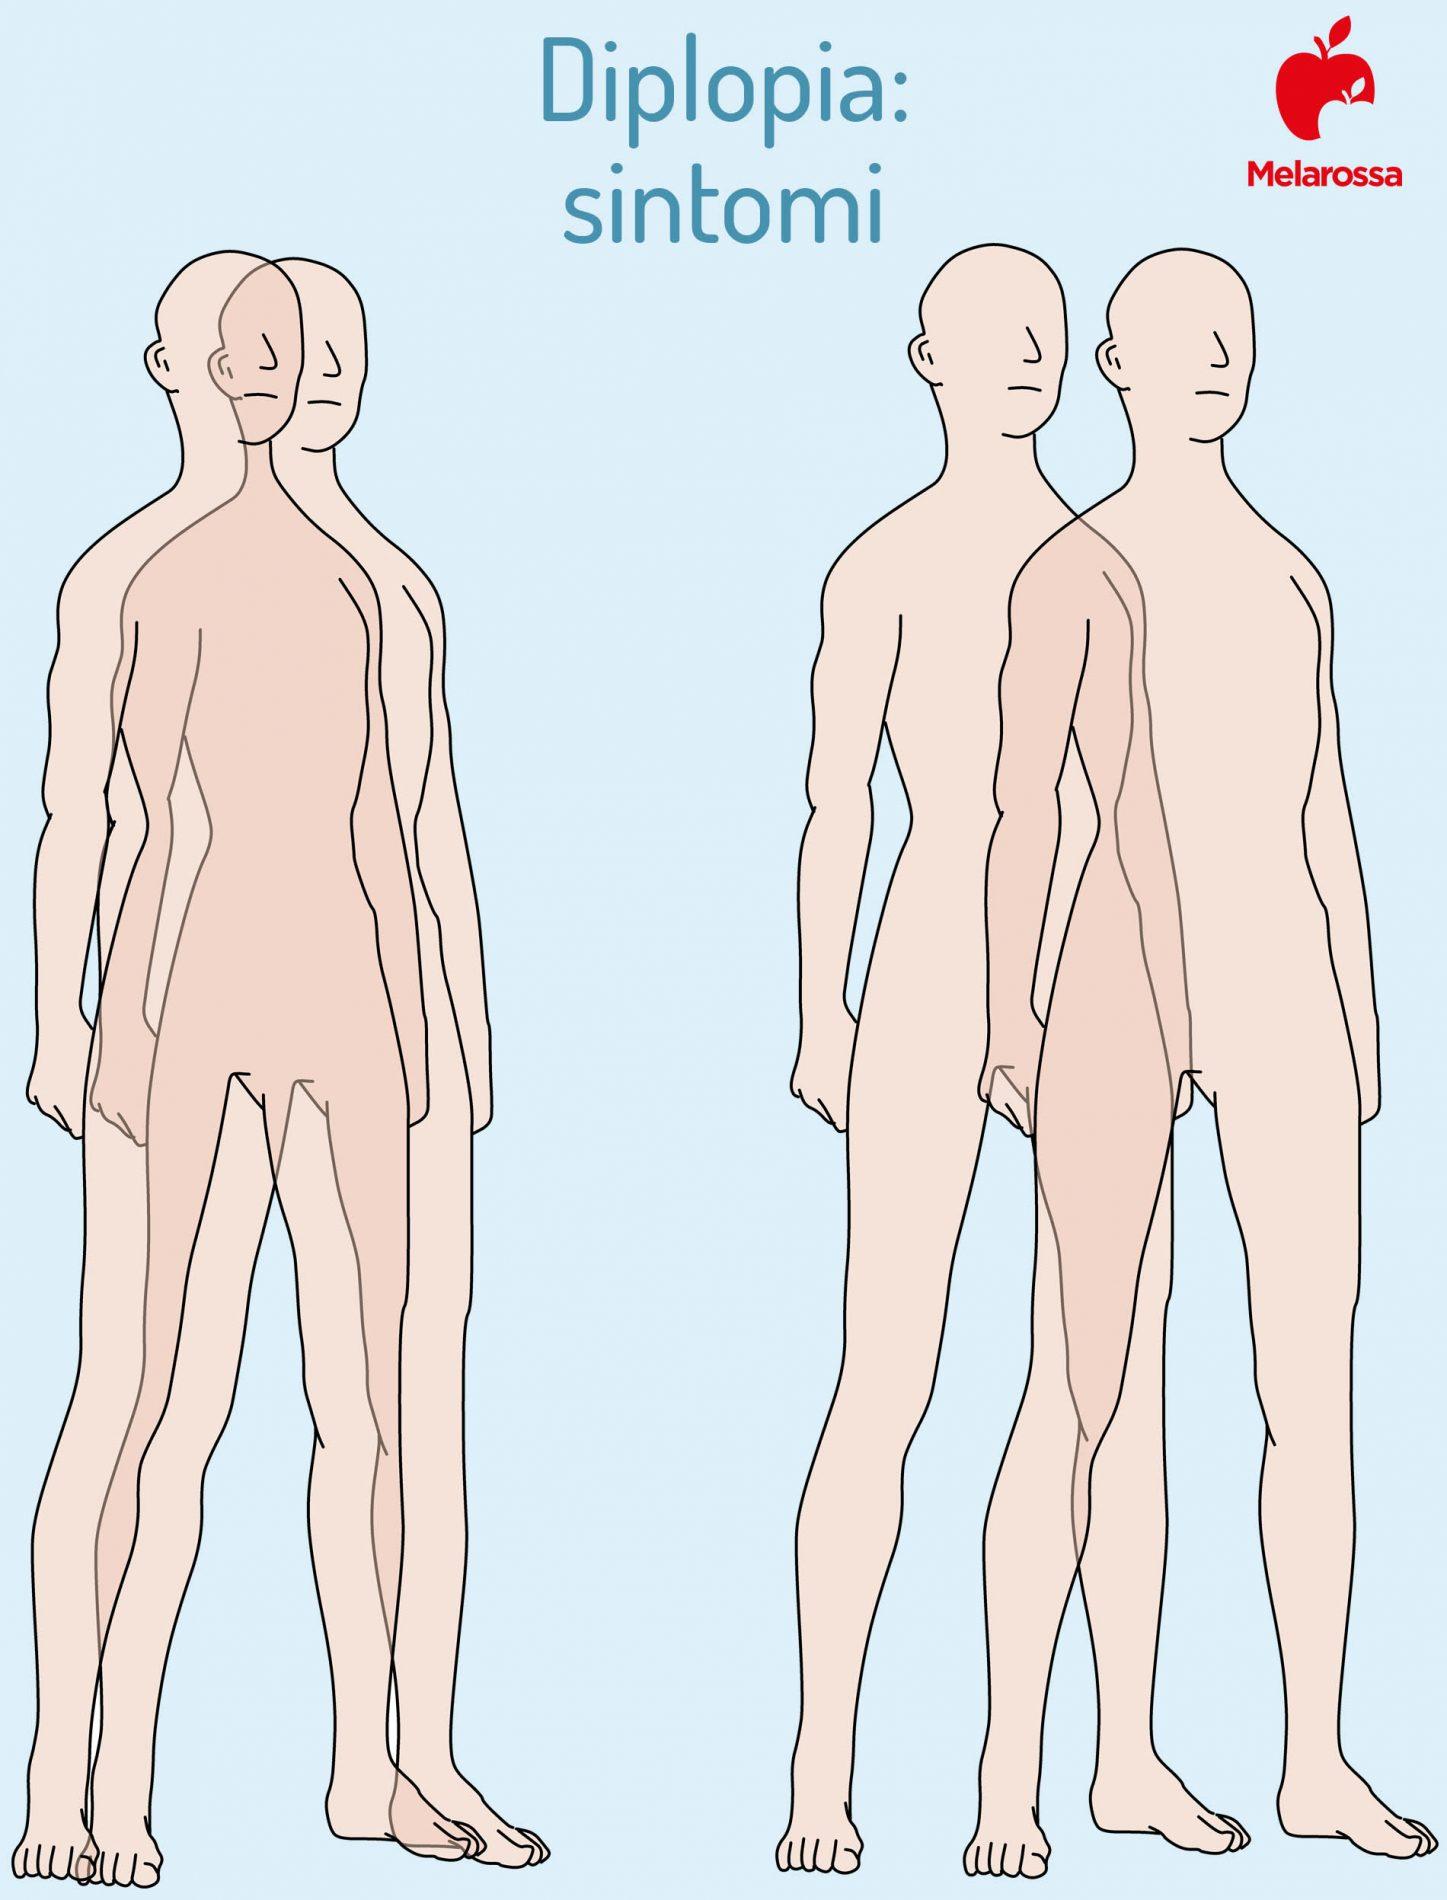 diplopia: sintomi